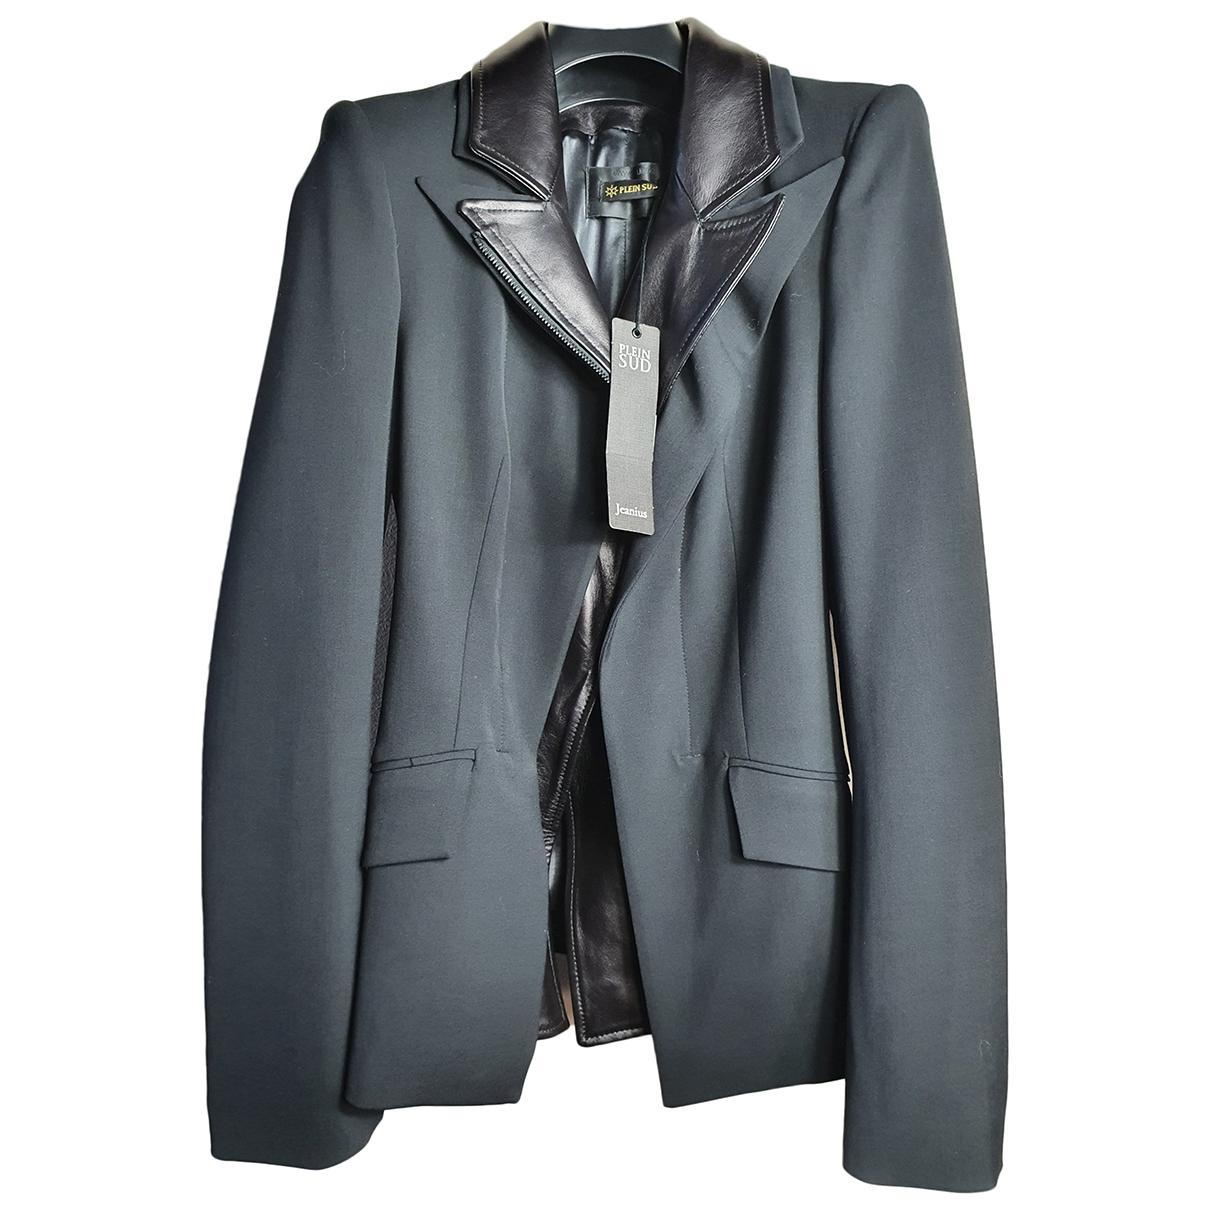 Plein Sud \N Black jacket for Women 42 IT